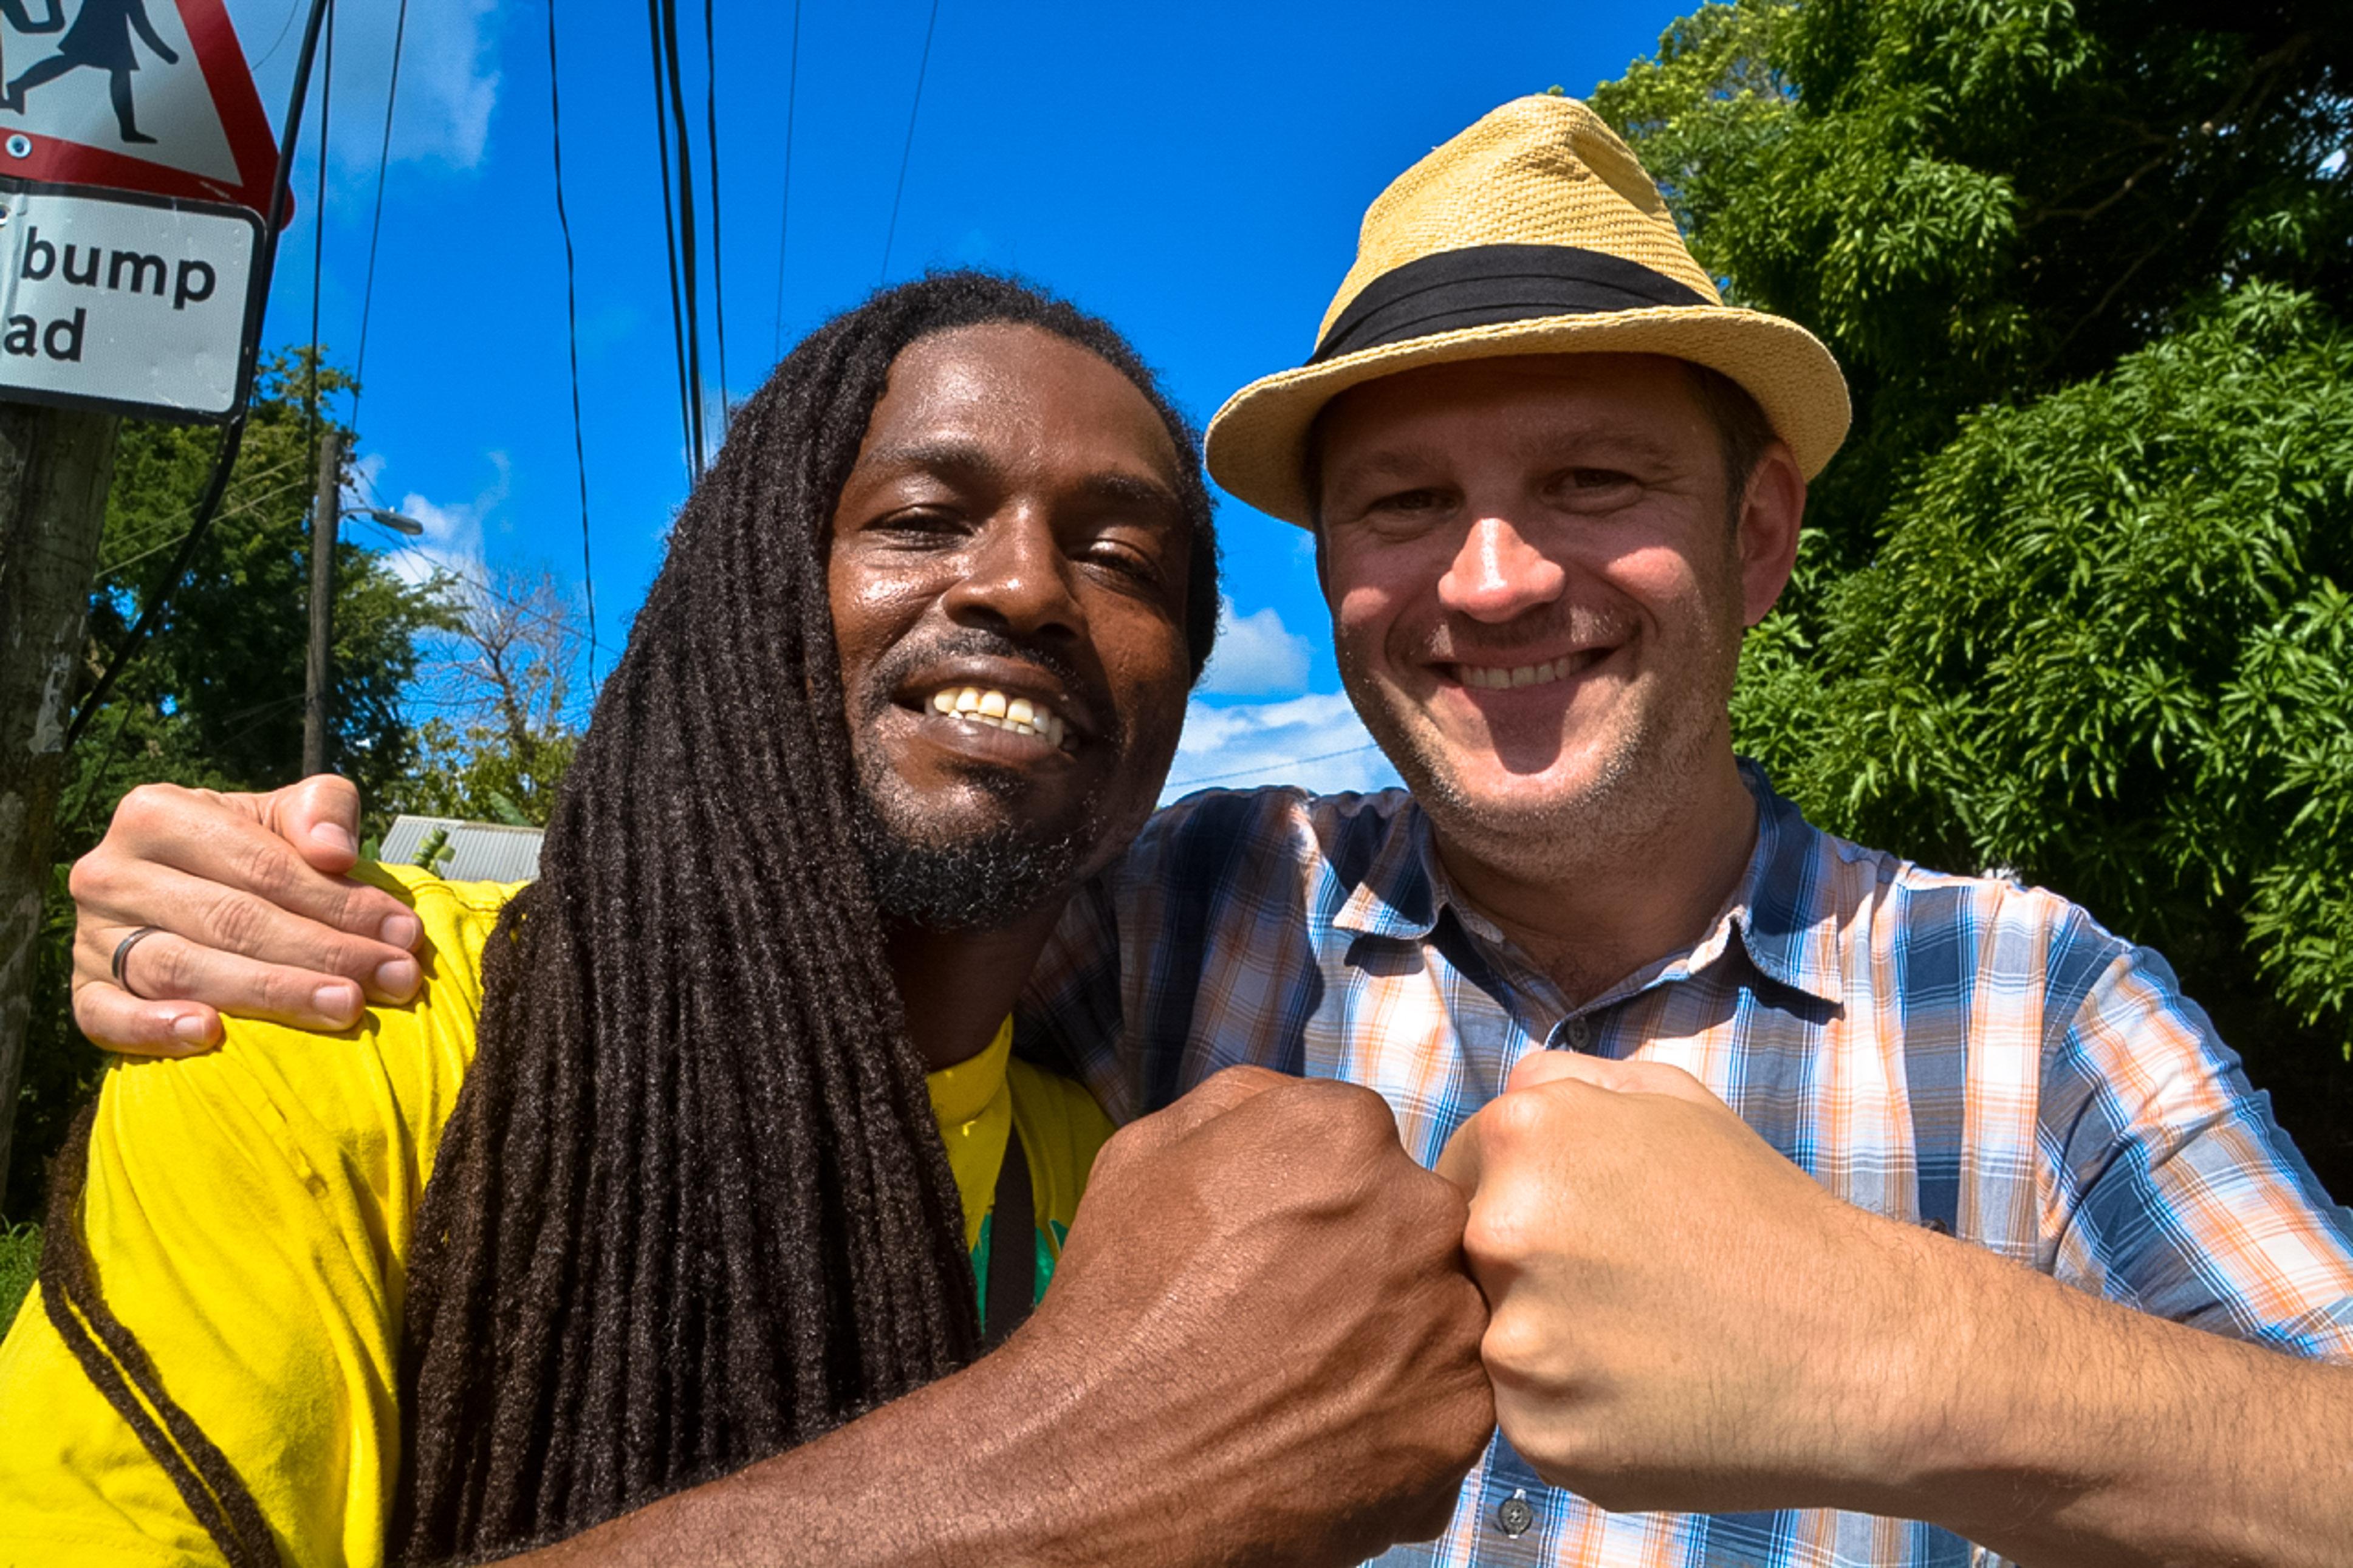 Rastafari Roger auf St. Lucia, beeindruckende Haarpracht